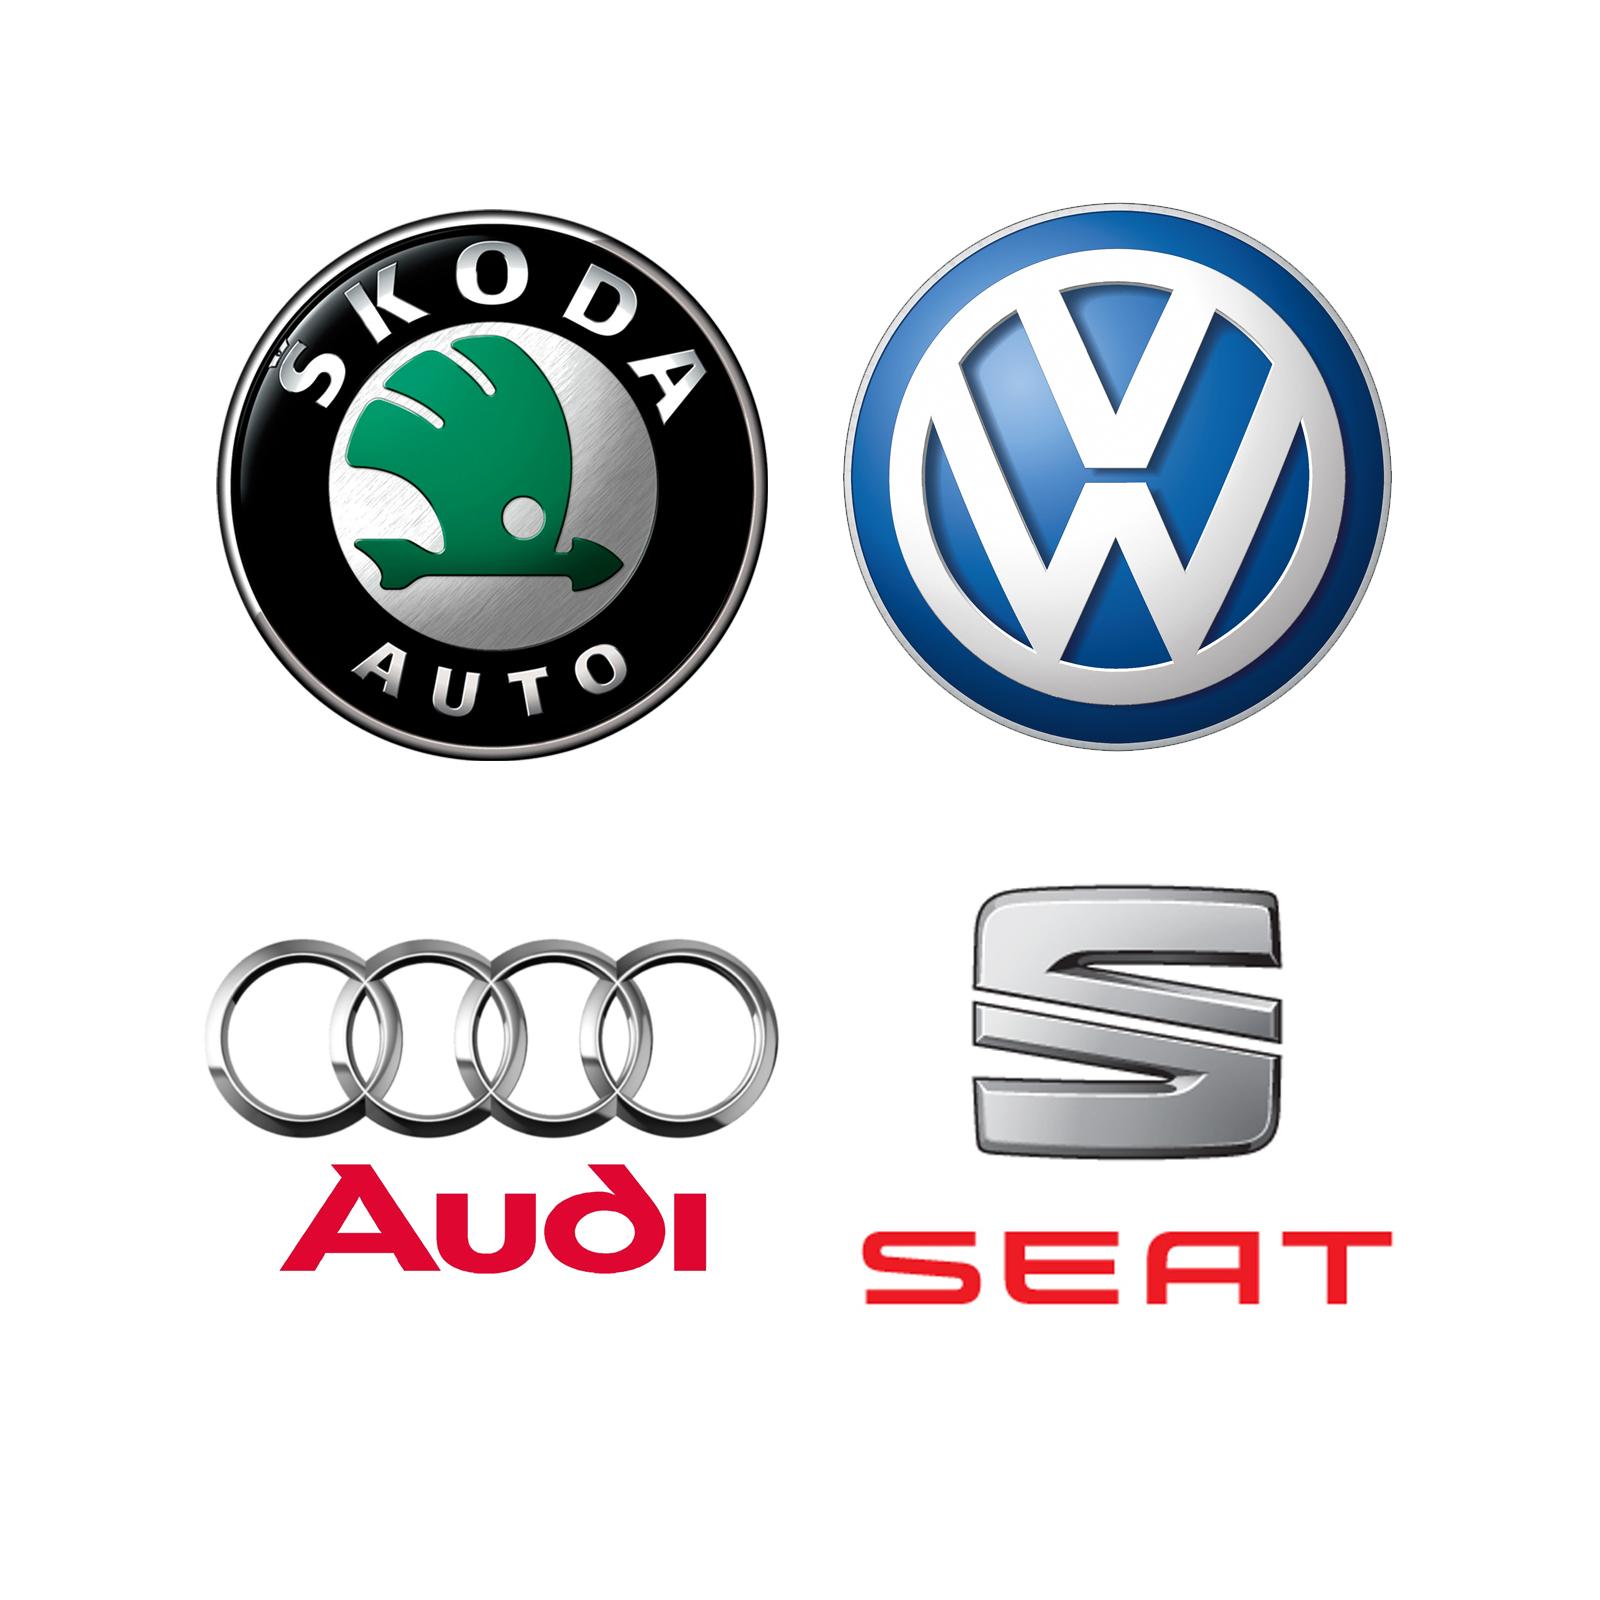 Car Service Workshop Manuals